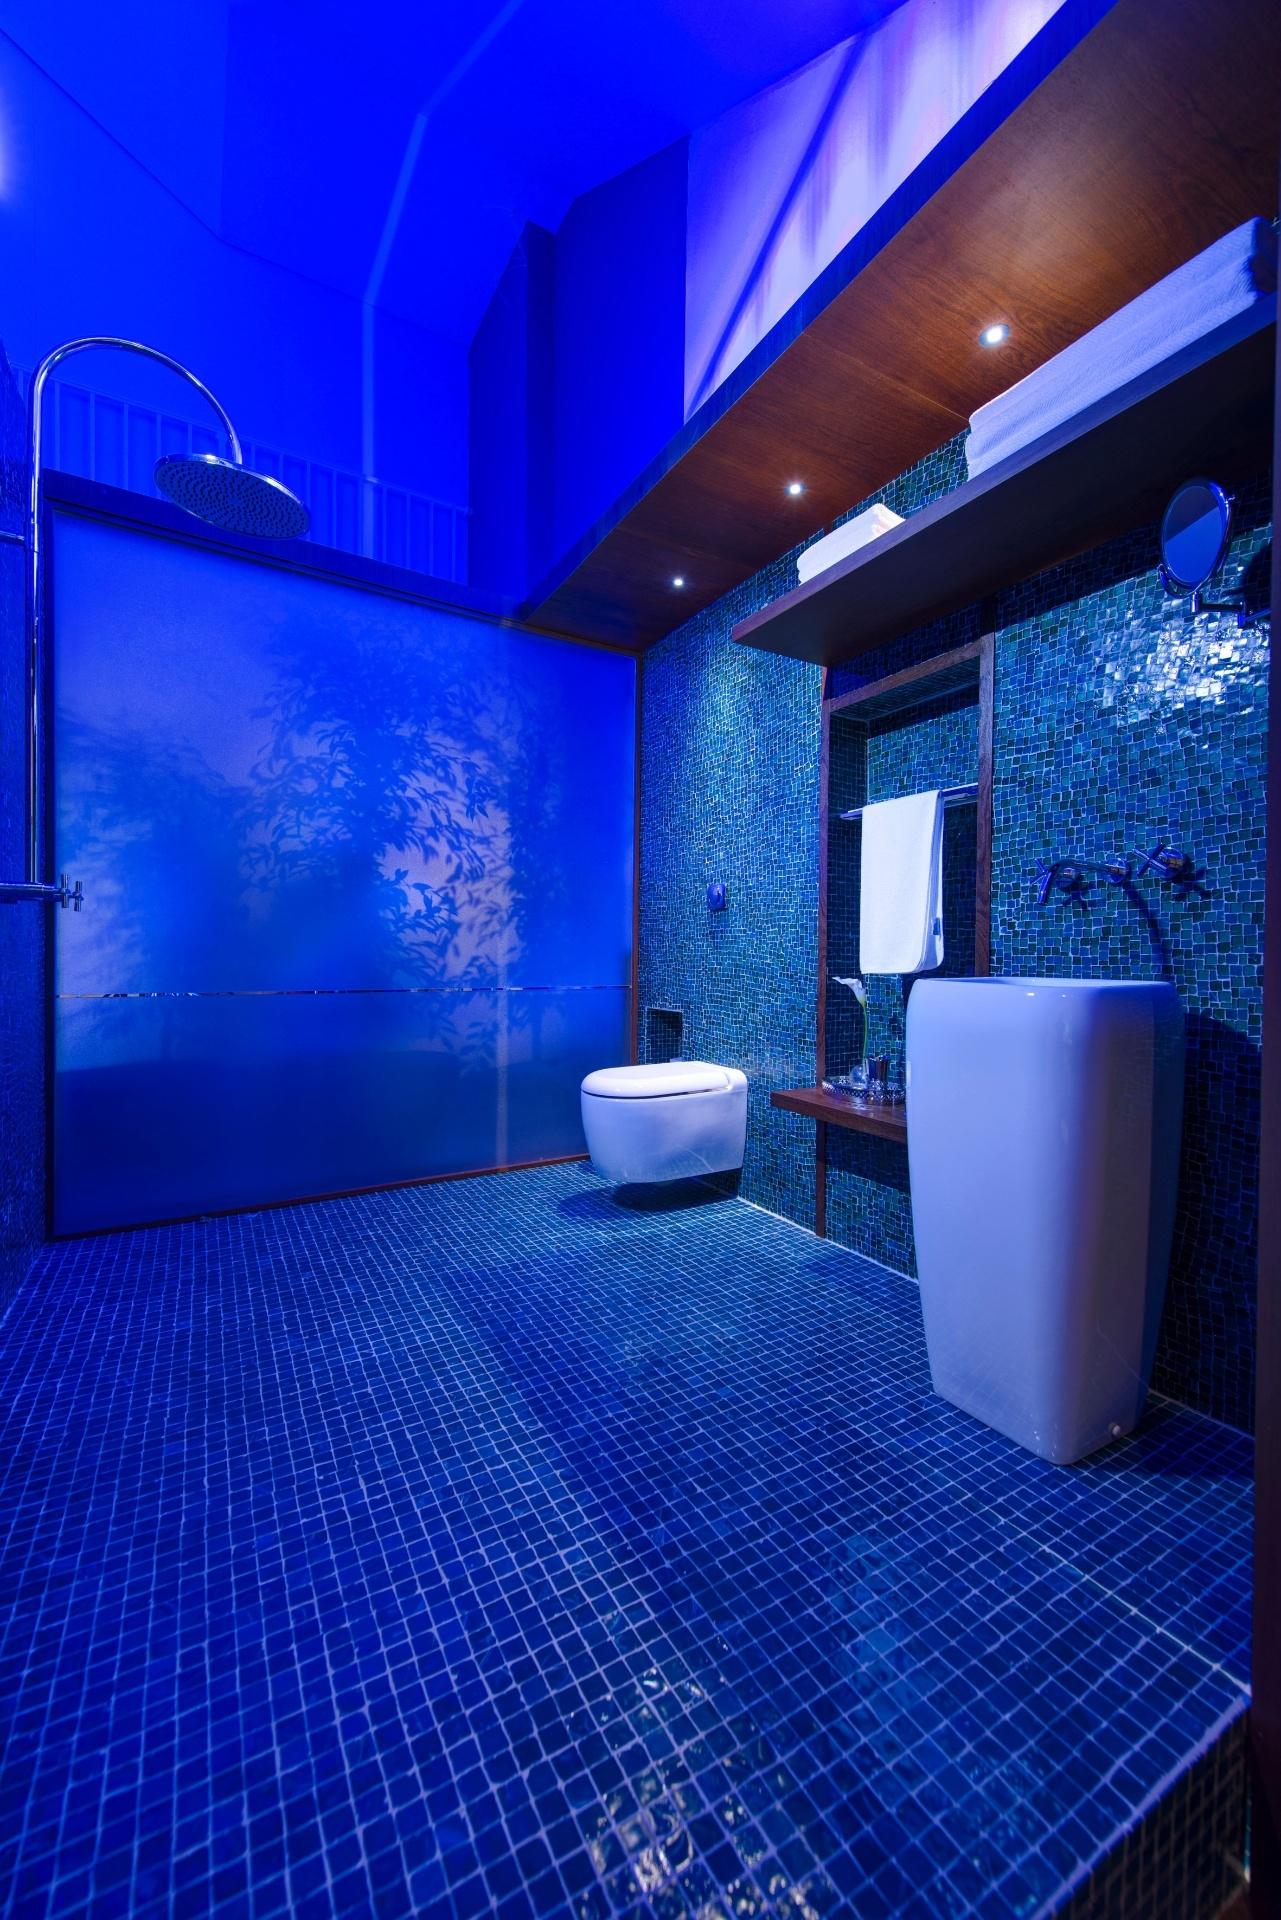 Banheiros pequenos: dicas de decoração para quem tem pouco espaço  #071FC4 1281x1920 Banheiro Branco E Azul